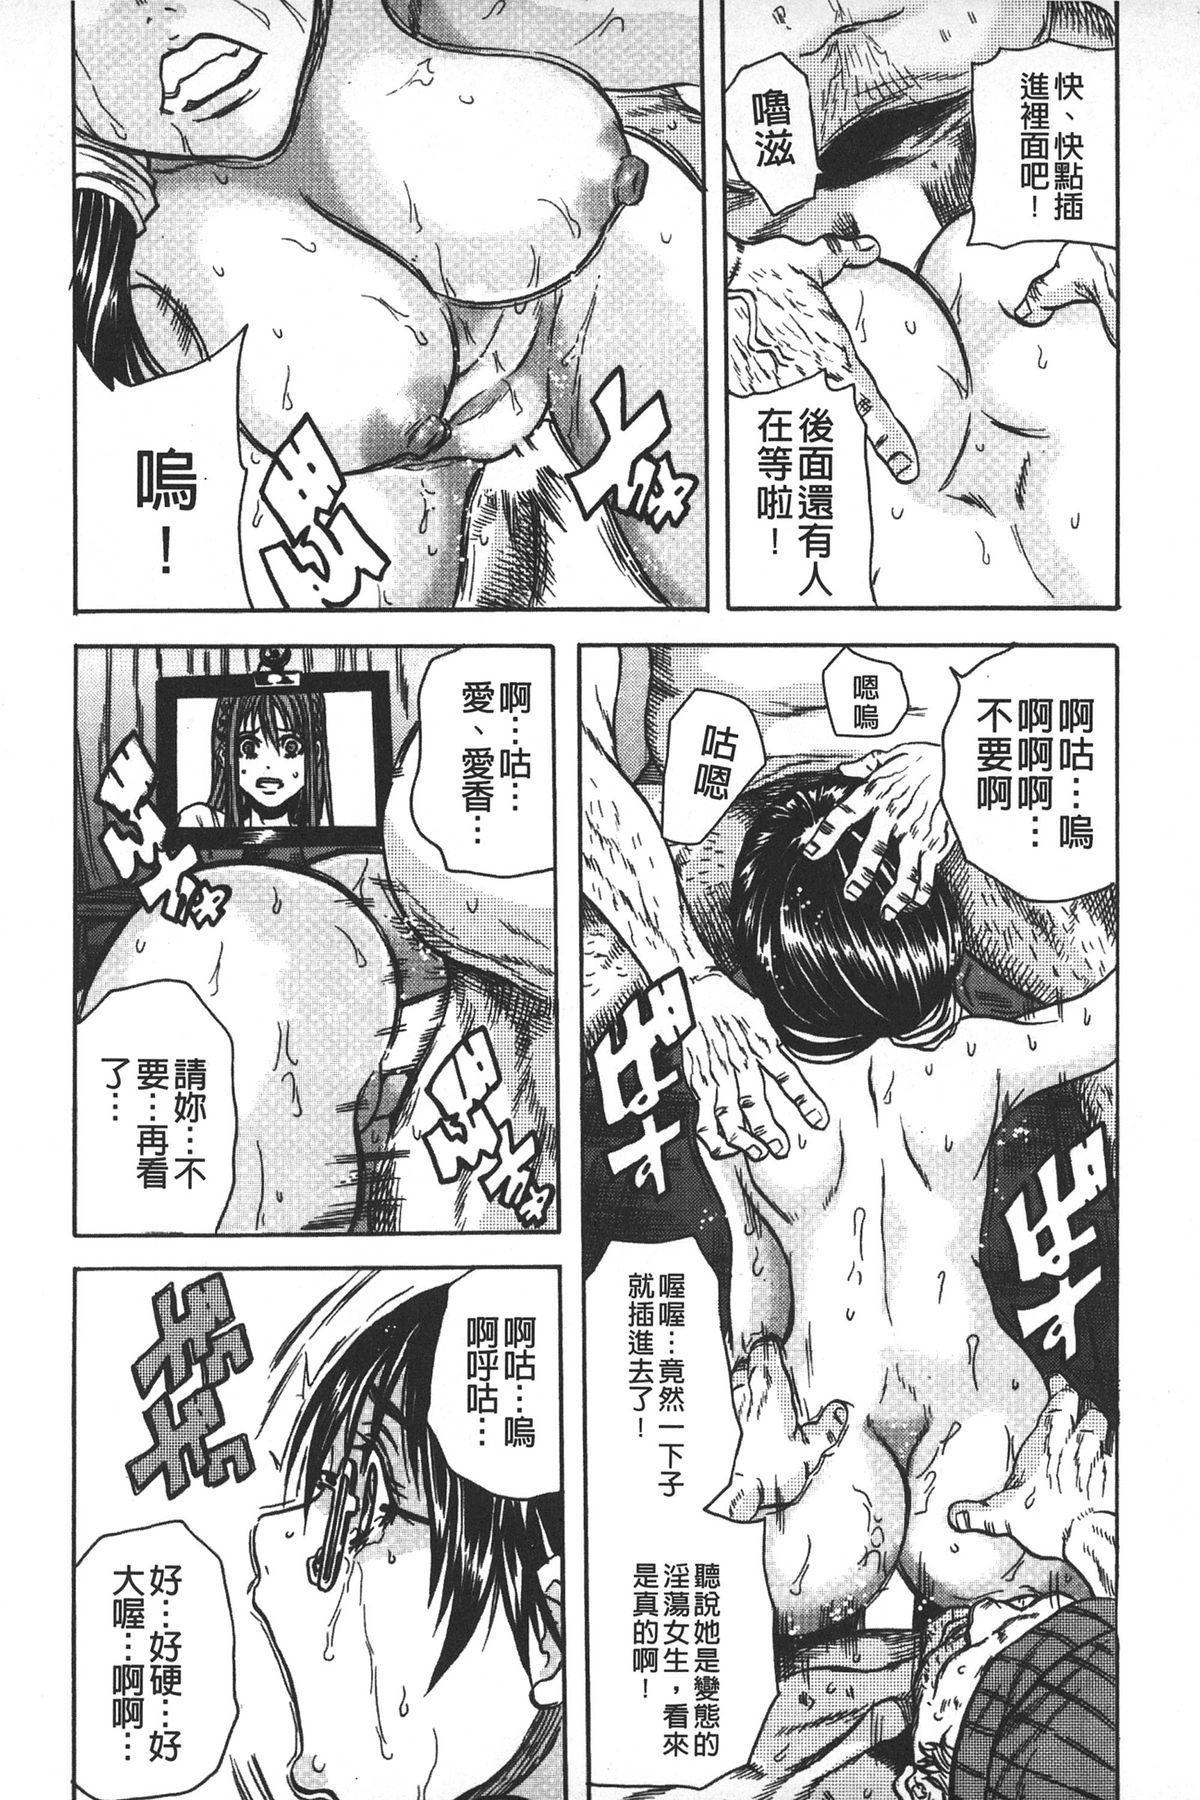 Ryoujoku Kyoushitsu 64